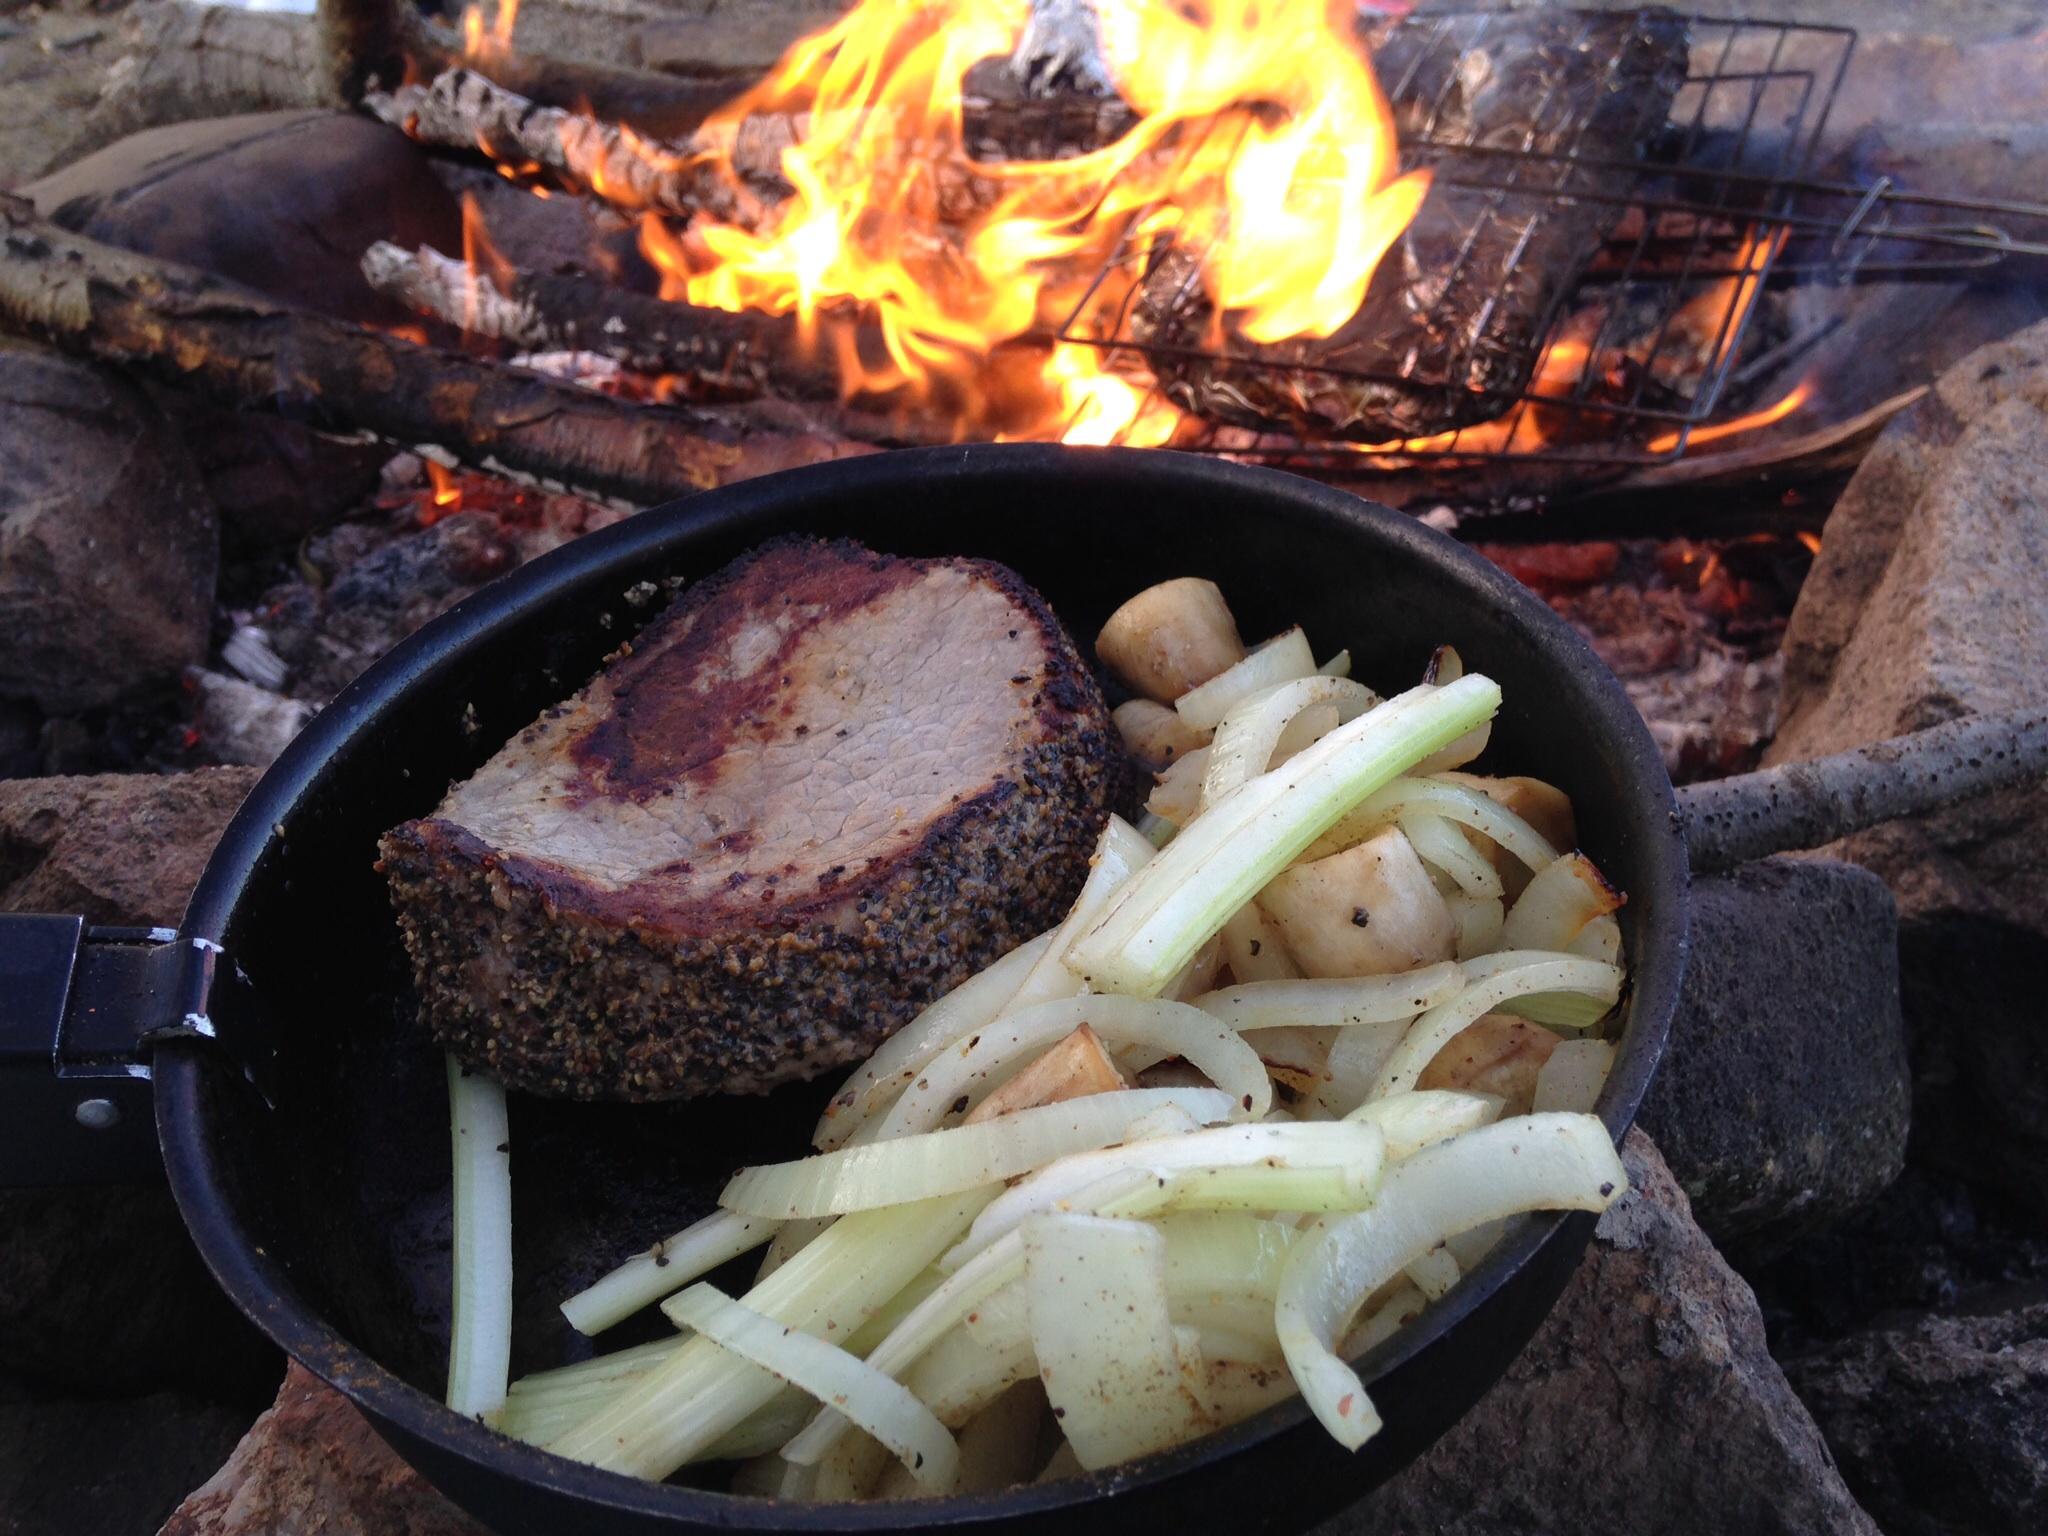 Steak, onions and mushroom stems